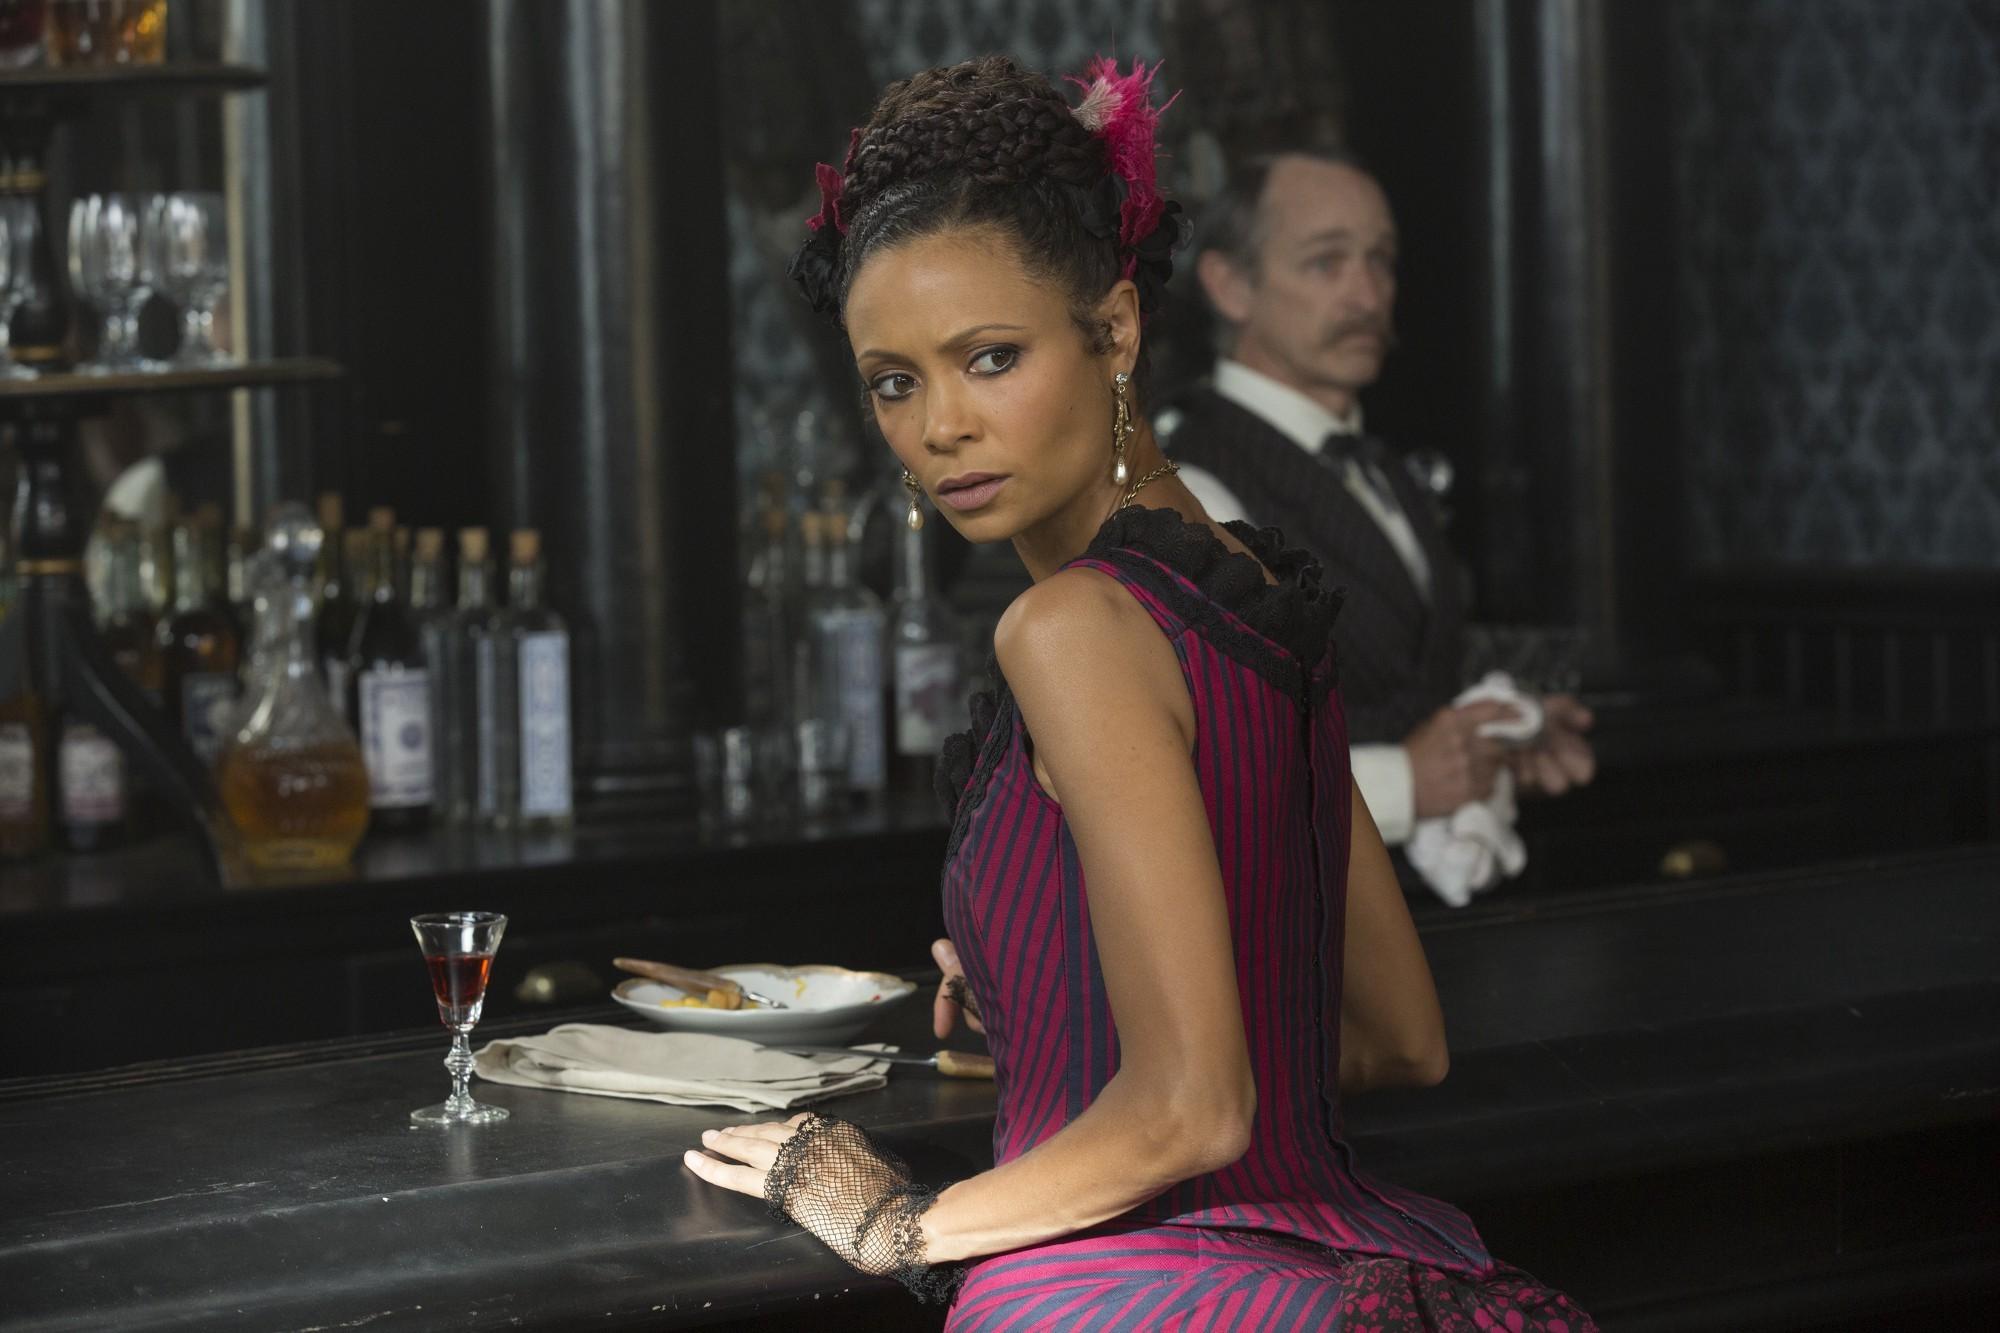 Fotos De Thandie Newton Desnuda Página 11 Fotos De Famosastk